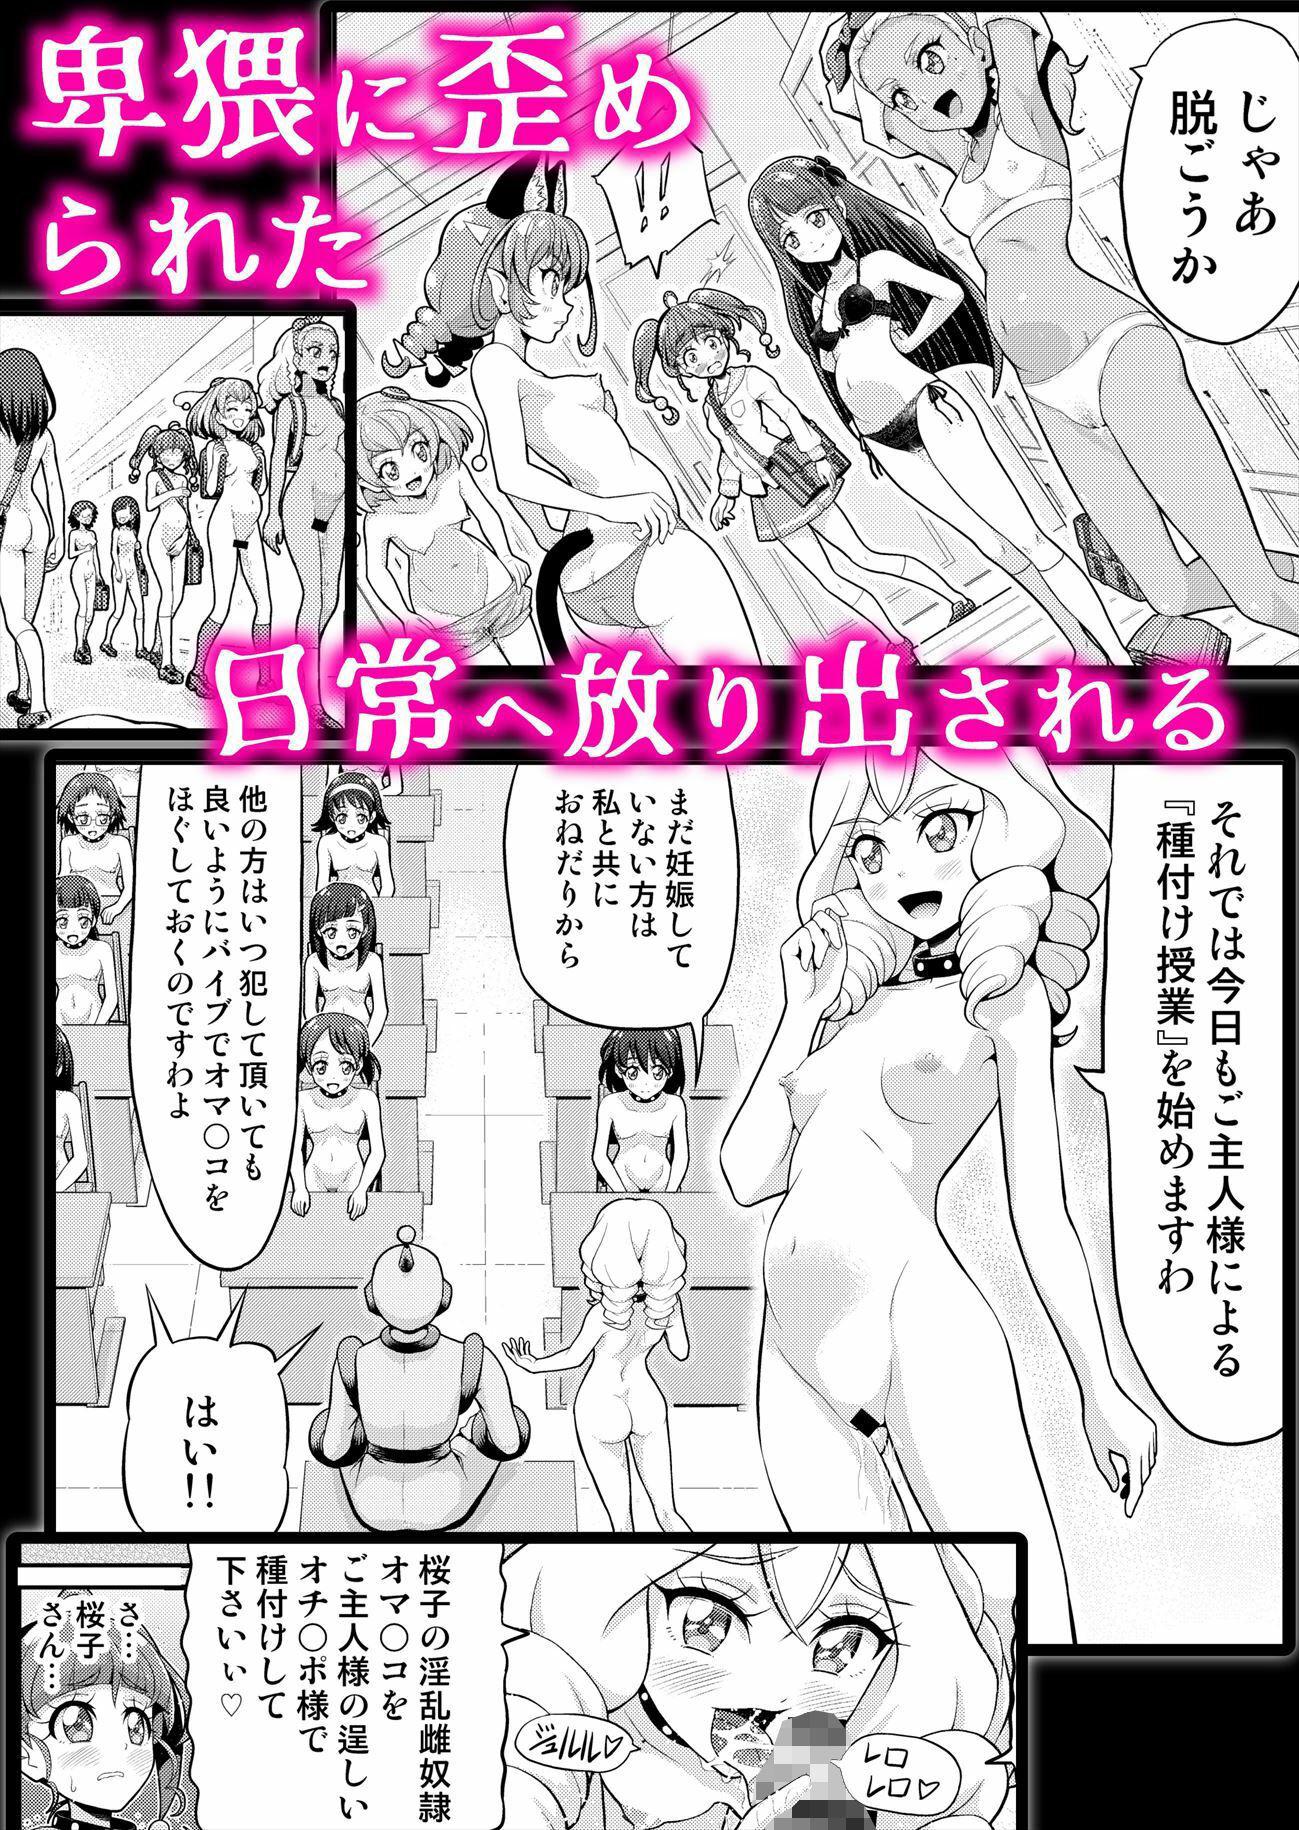 https://www.dmm.co.jp/dc/doujin/-/detail/=/cid=d_208436/